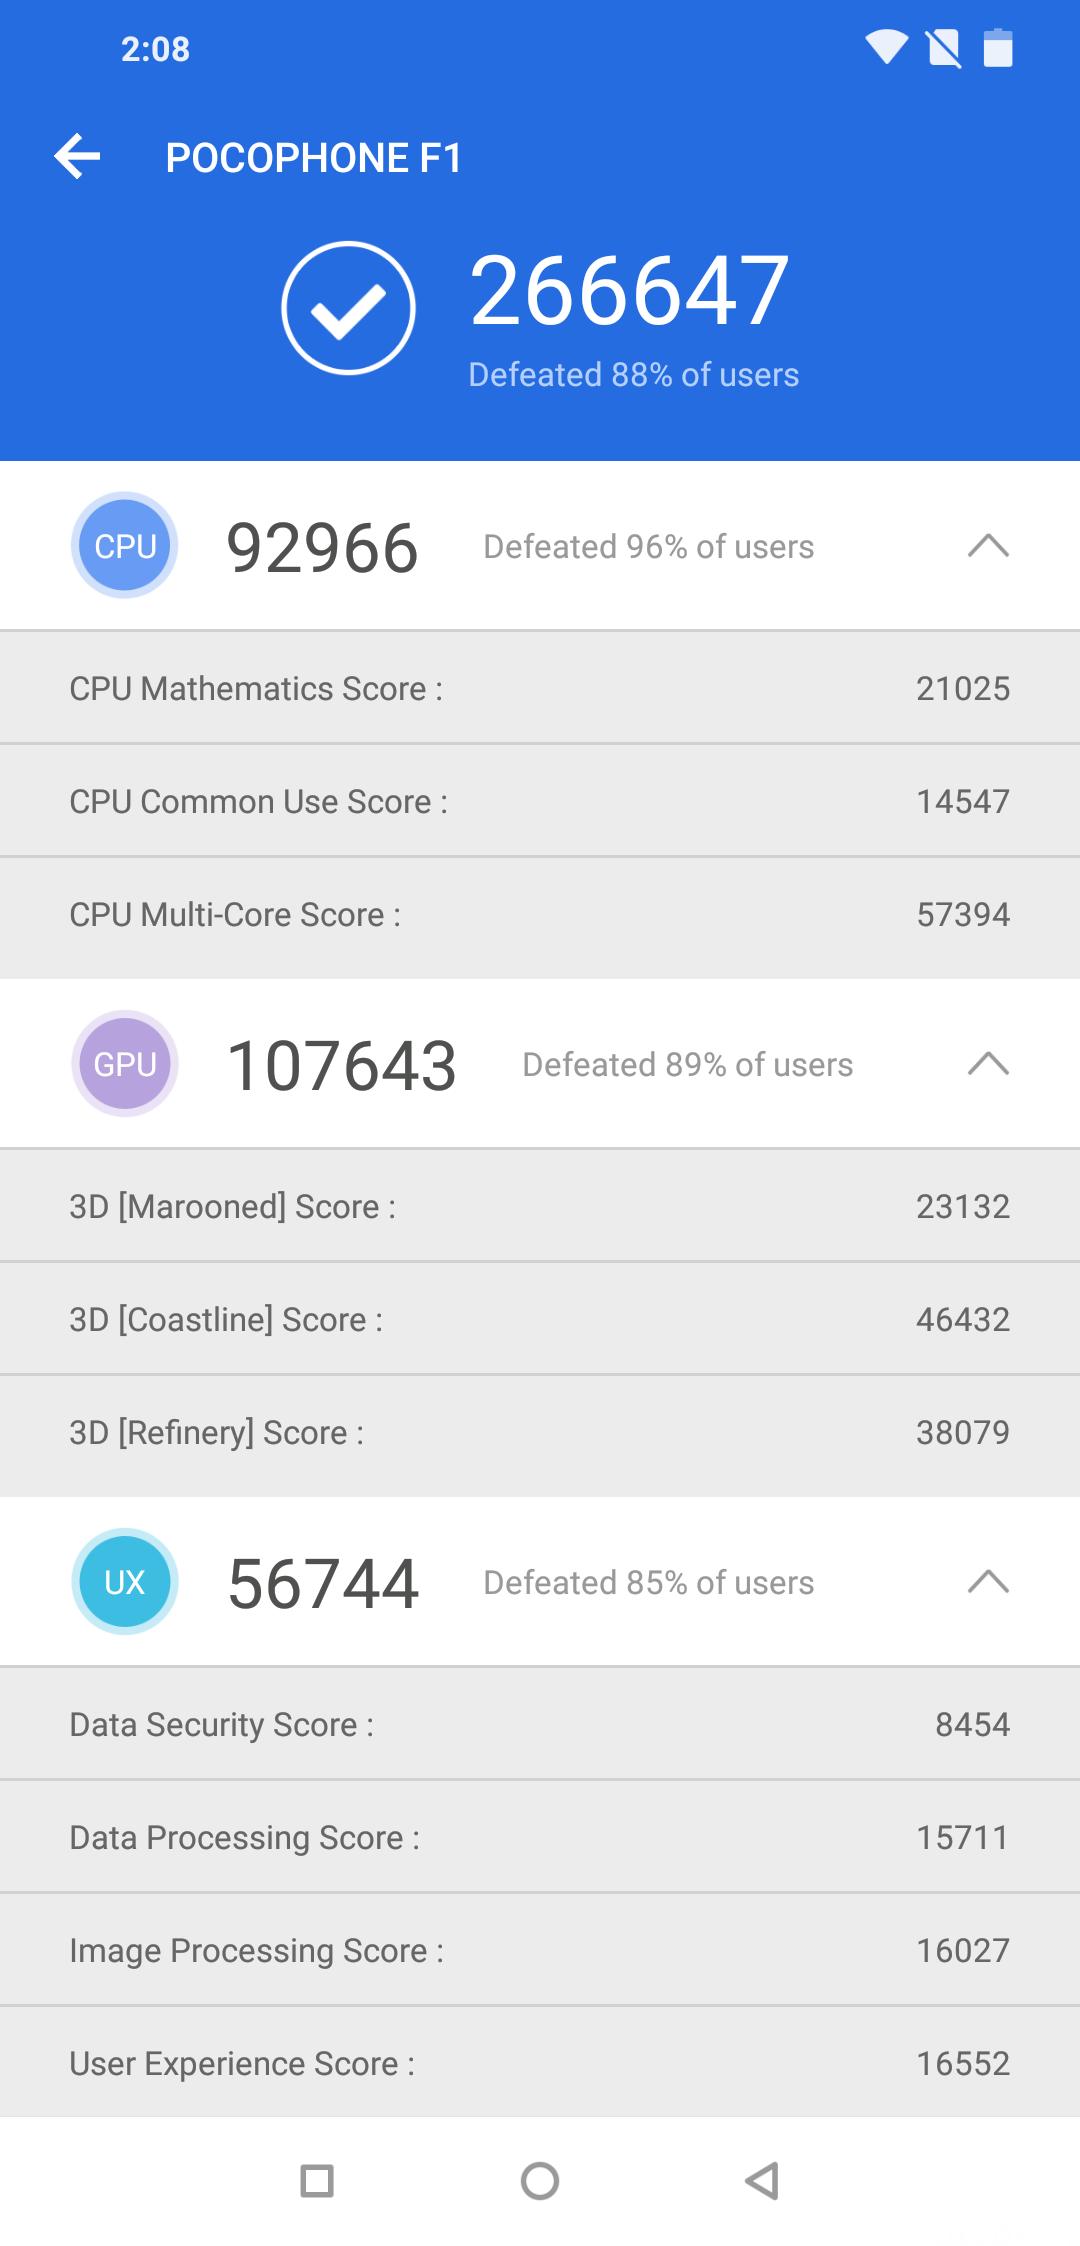 POCOPHONE by Xiaomi - MIUI10 - Hello Xiaomi